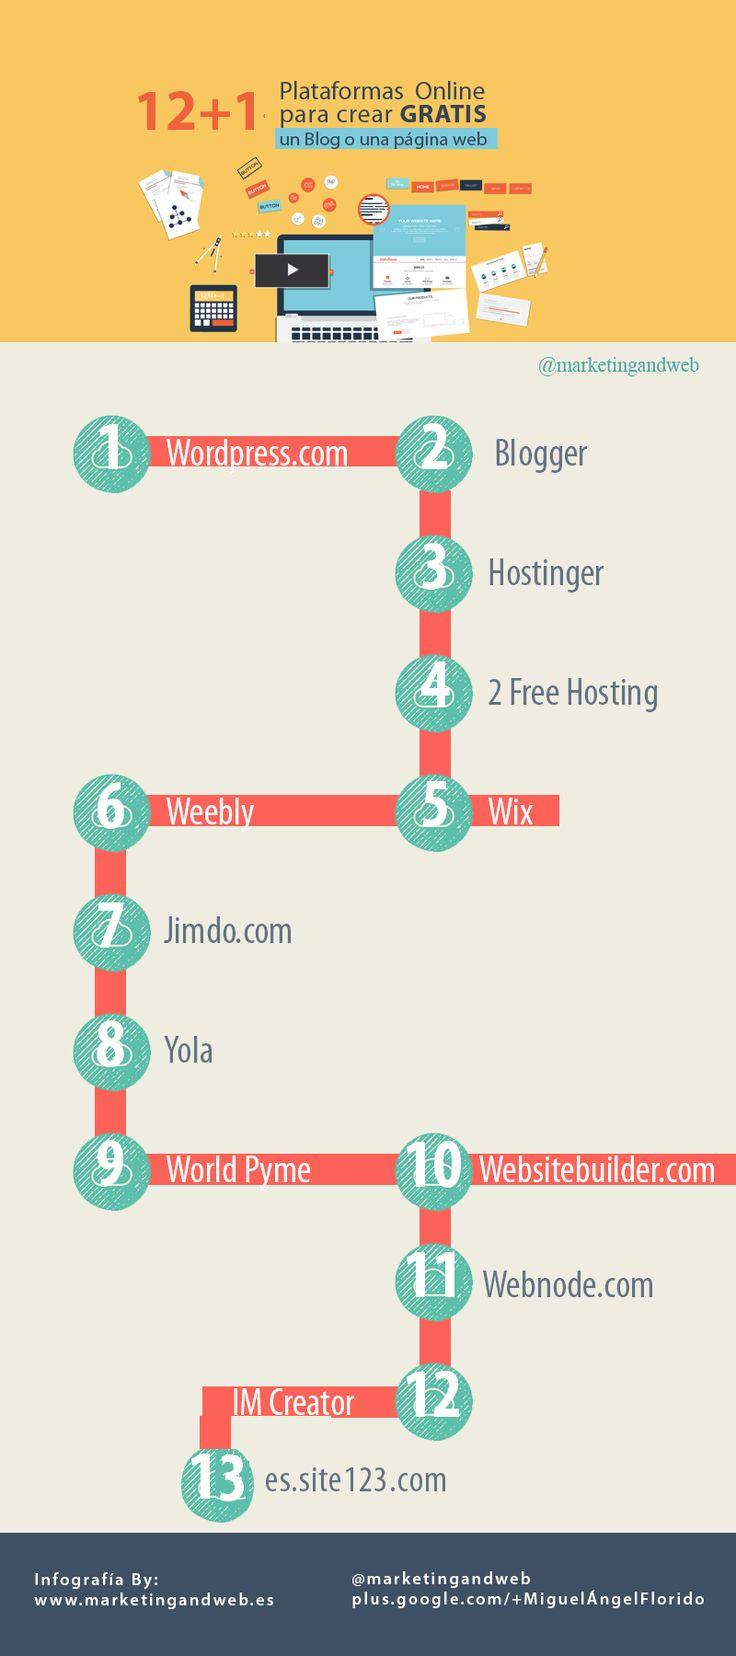 Plataformas para crear un blog gratis #infografia